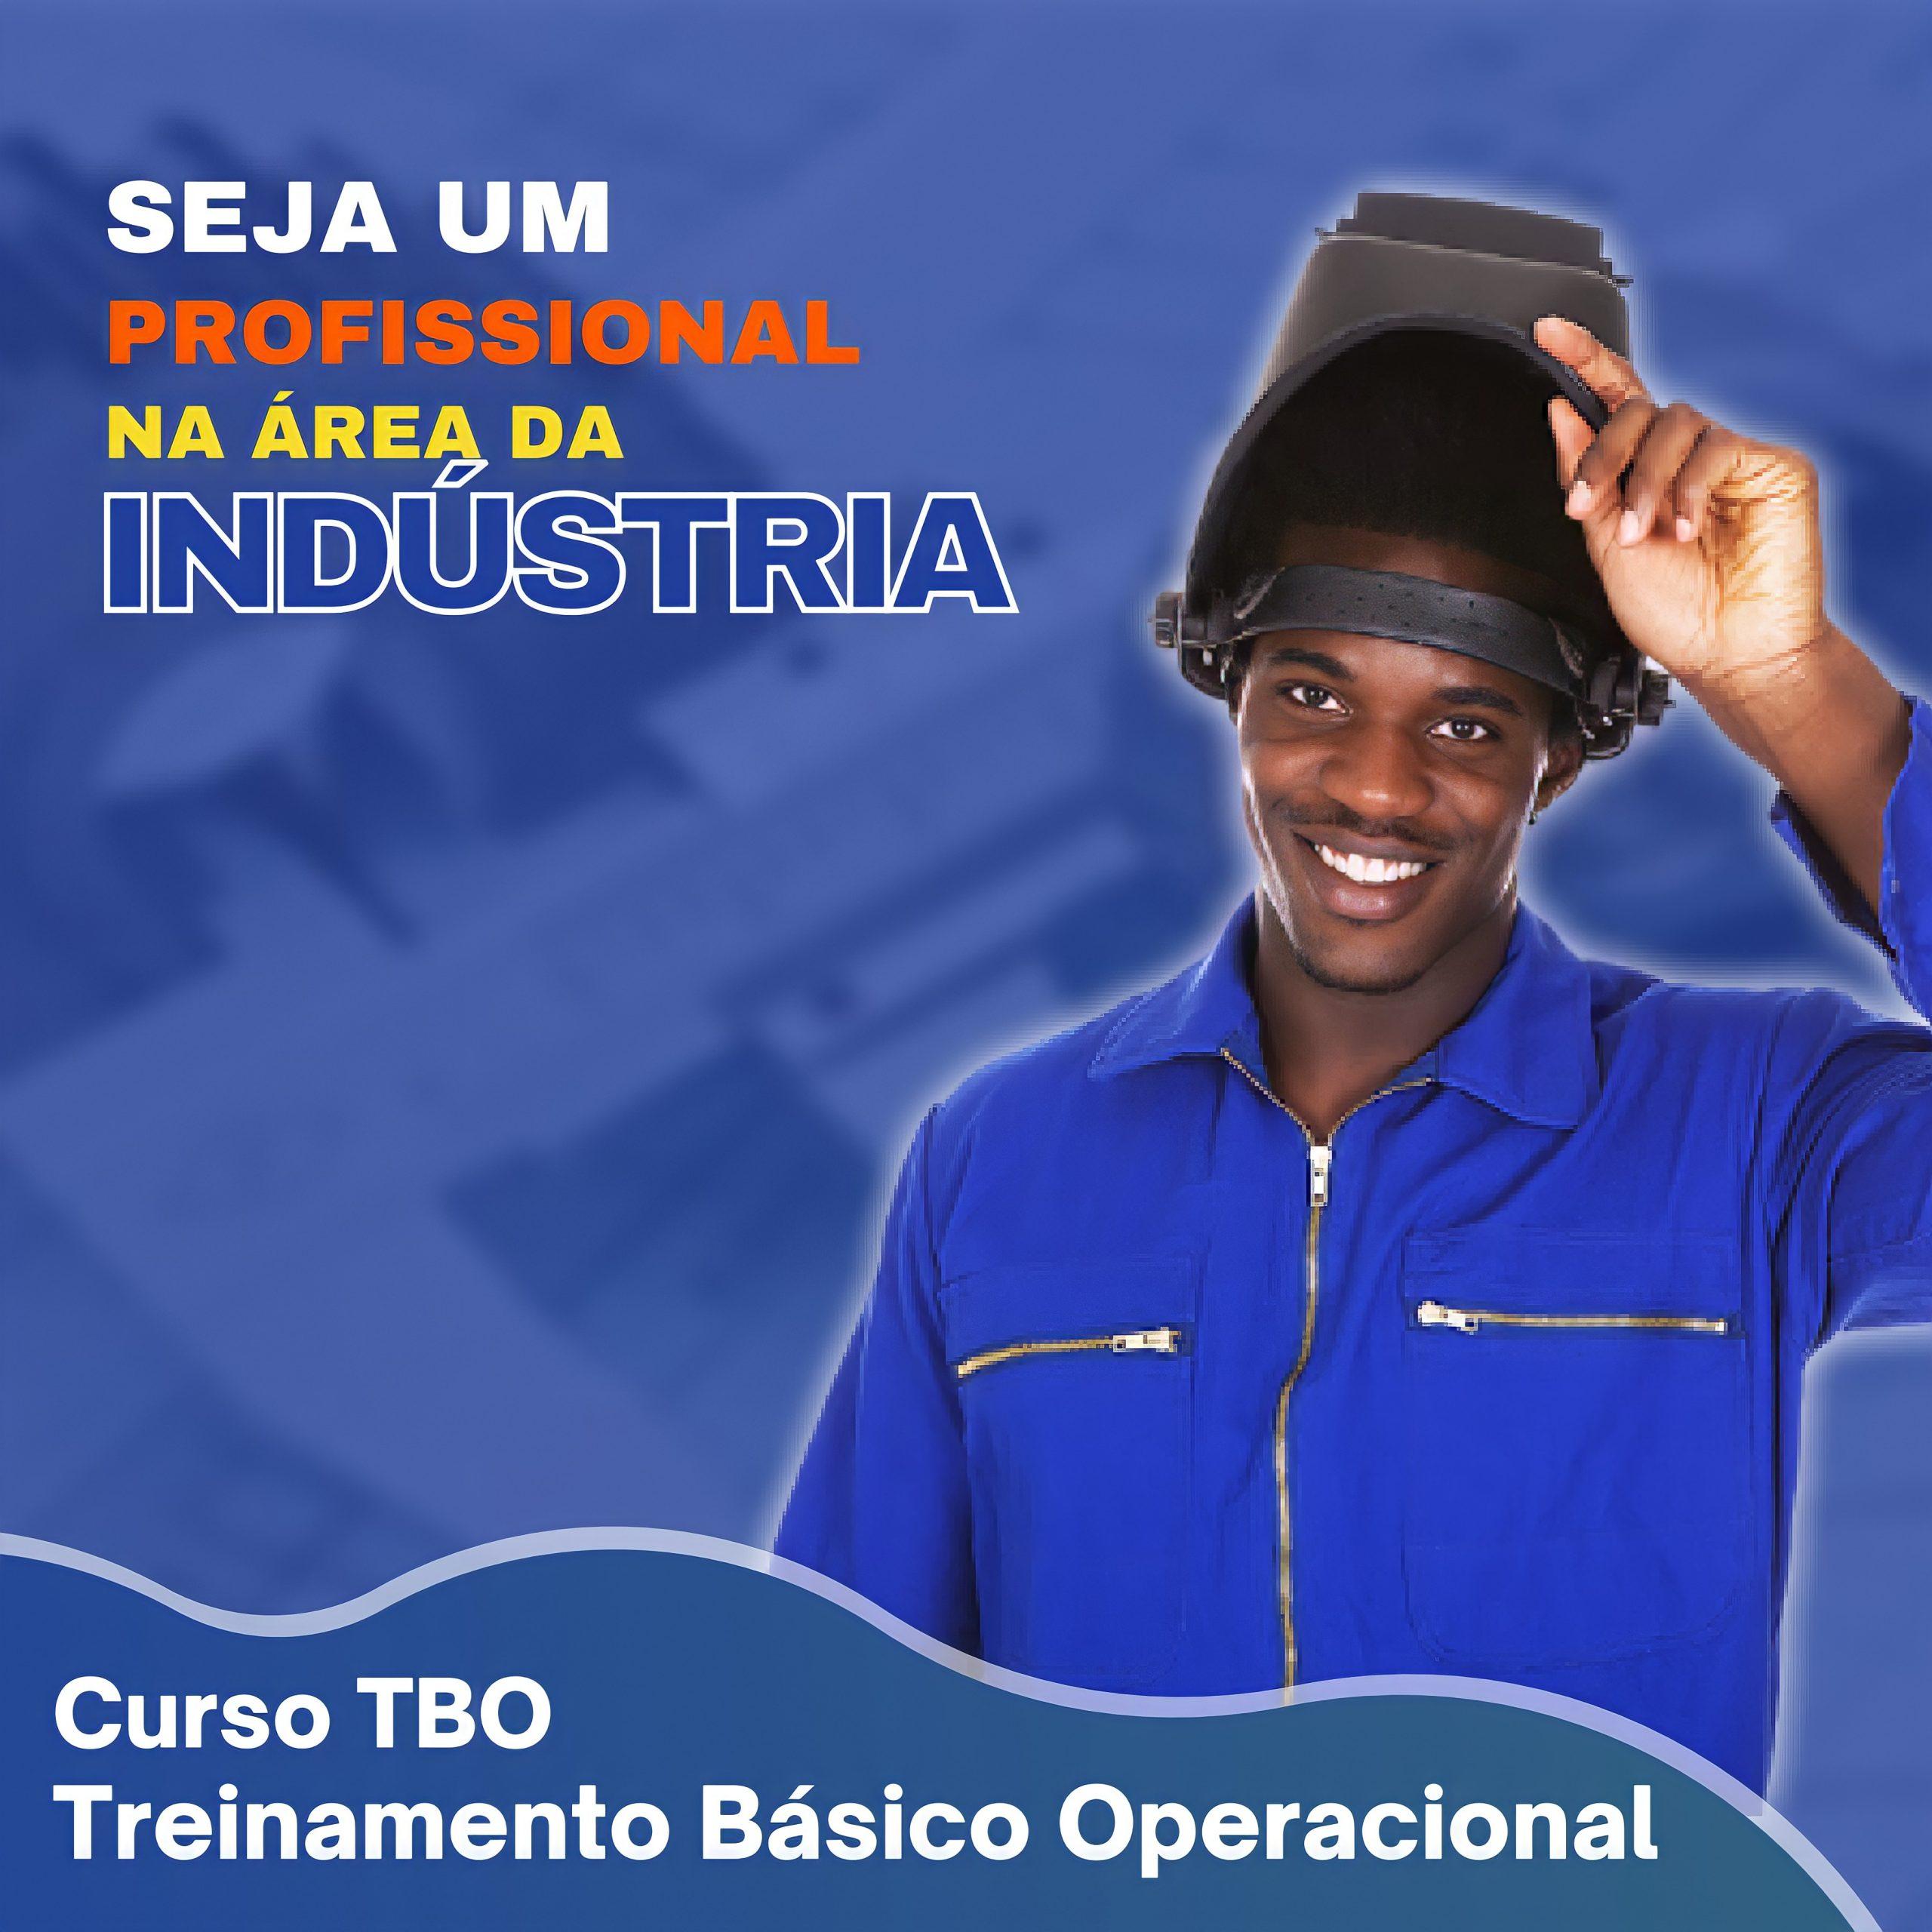 tbo-scaled-1.jpg